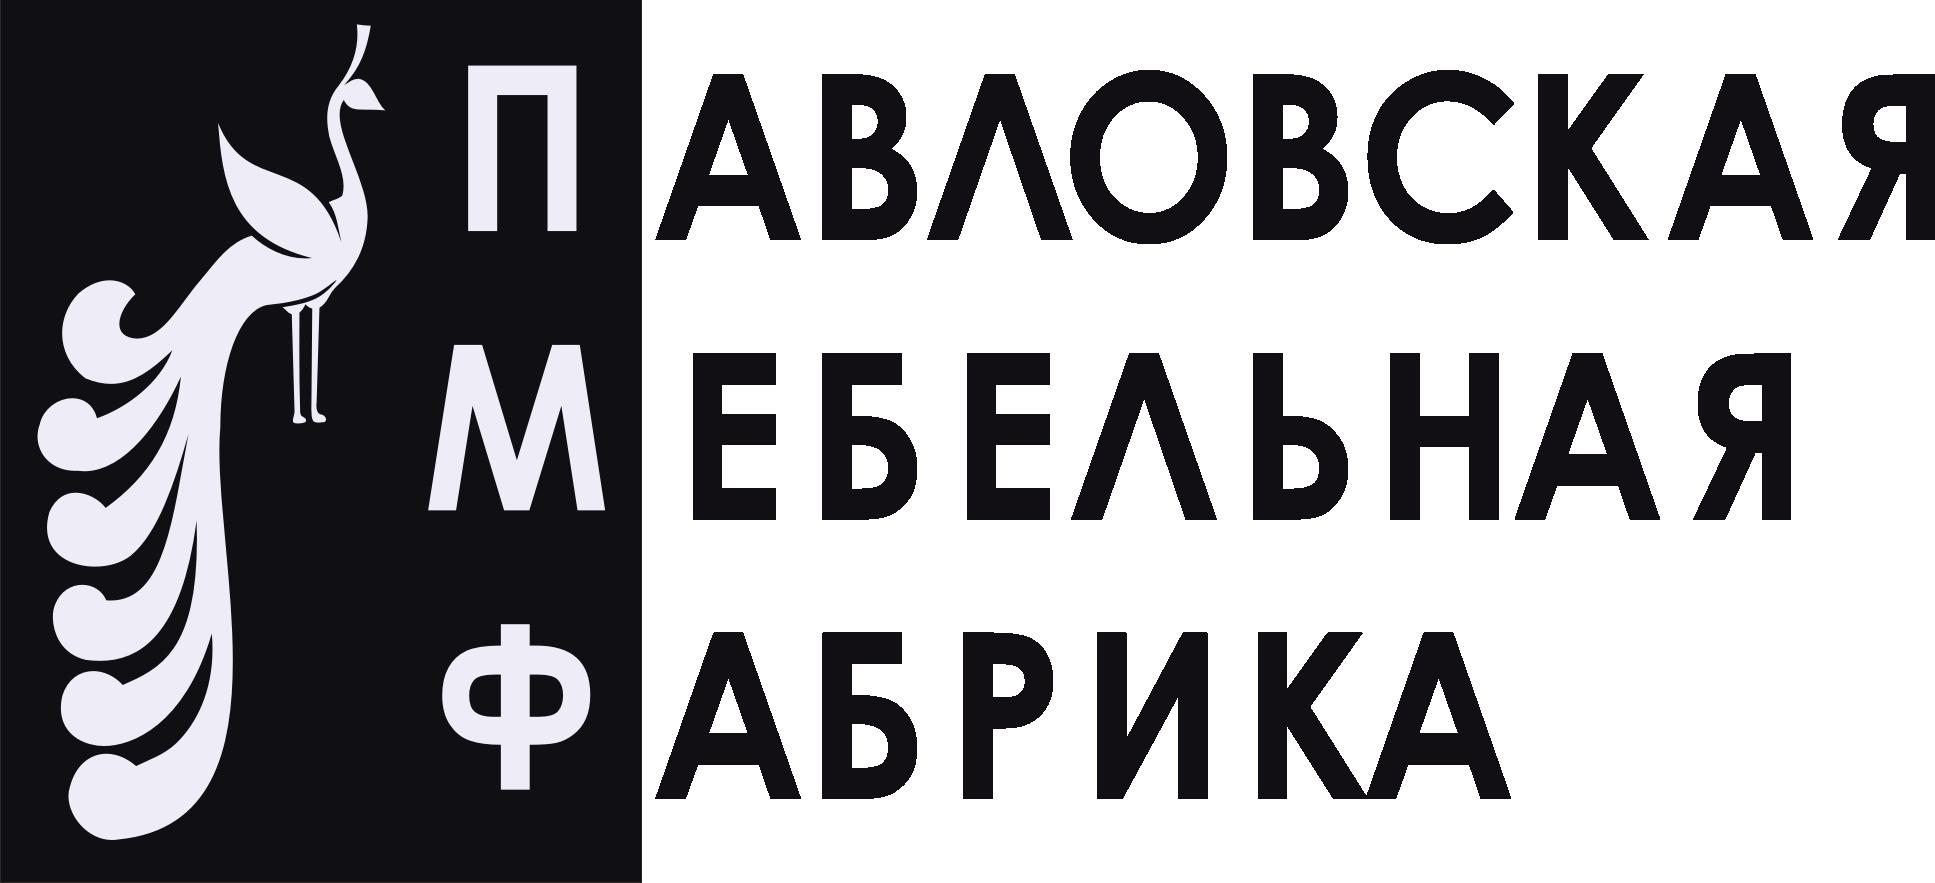 Павловская мебельная фабрика